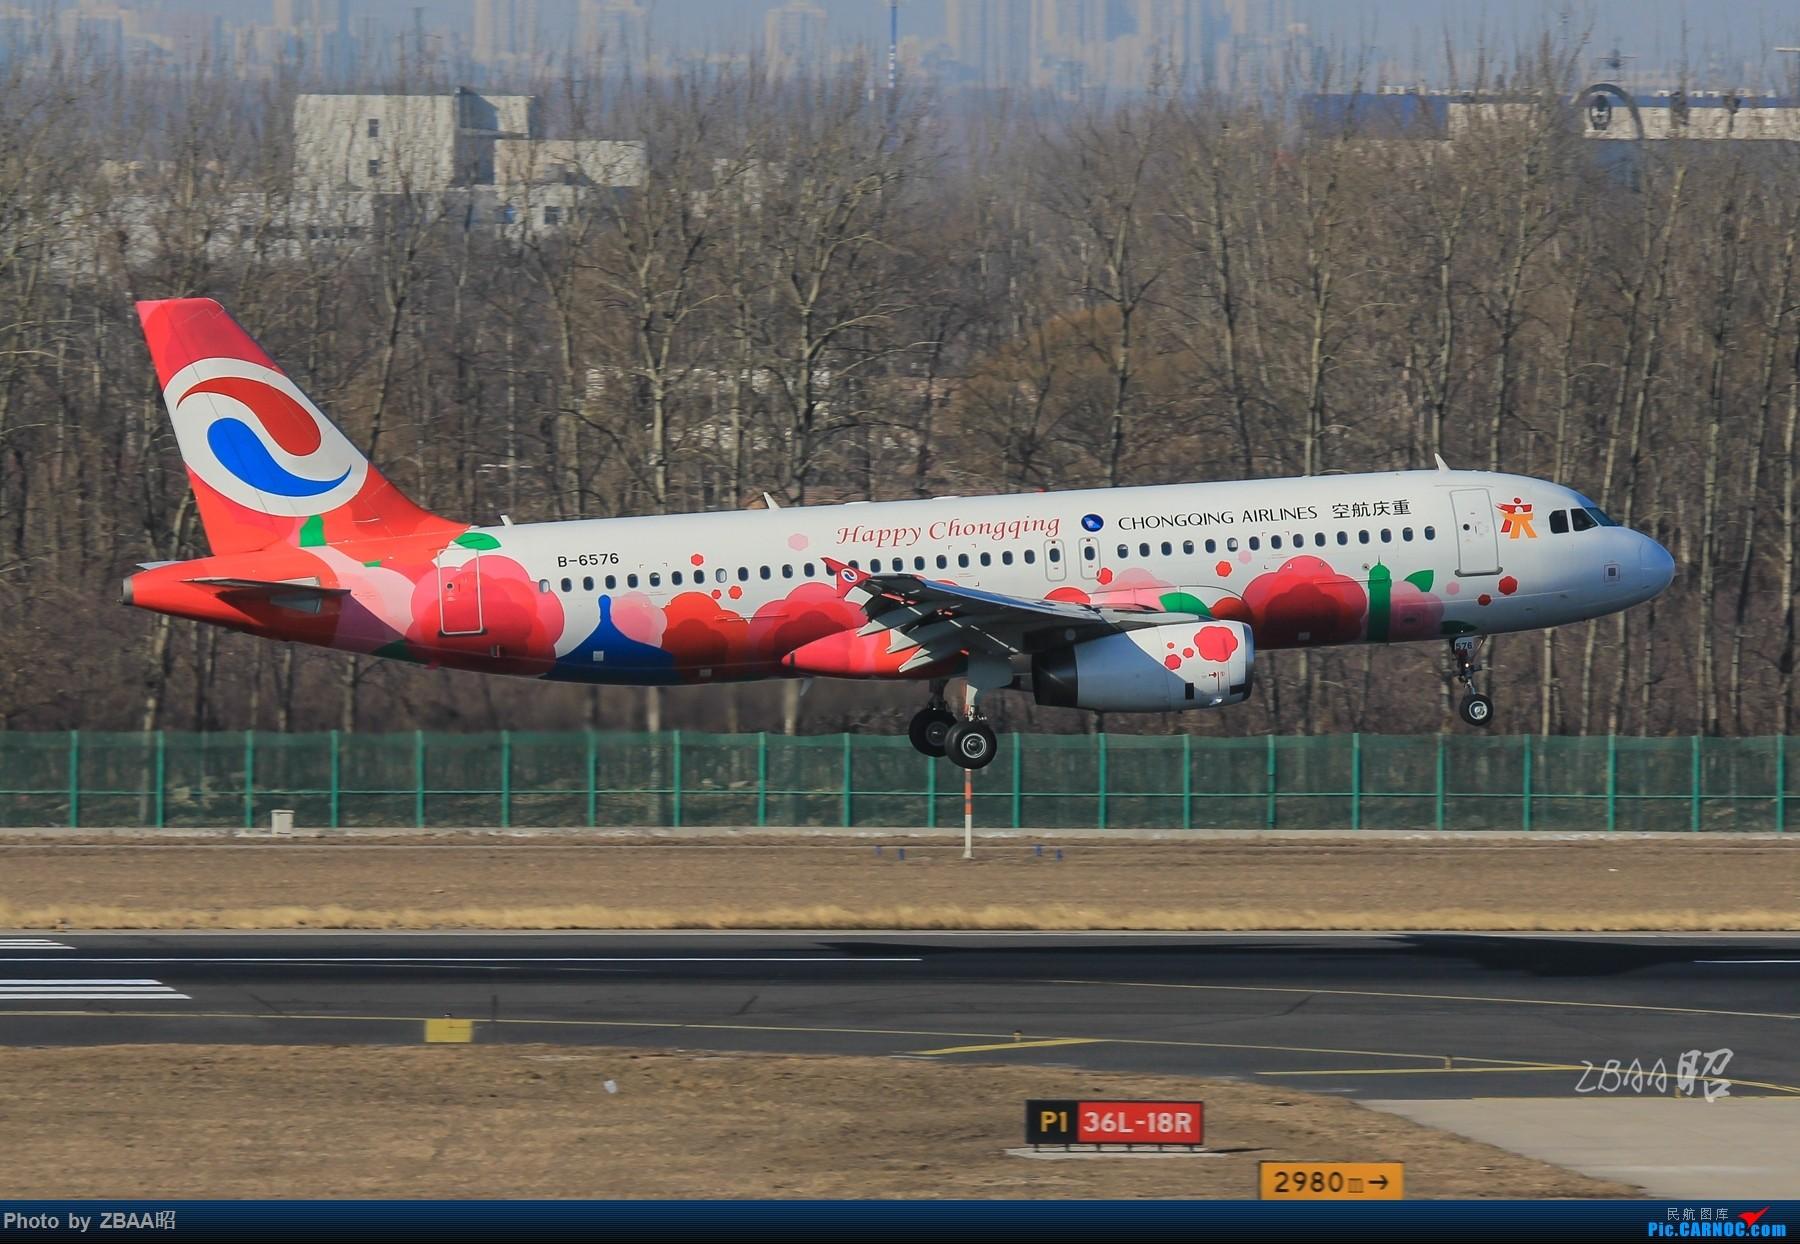 Re:[原创]飞友聚会后的独自疯狂,格林豪泰隔天怒打ZBAA 36L跑道,夜拍海航宽体机,寒风中坚守楼顶阵地 AIRBUS A320-200 B-6576 中国北京首都国际机场